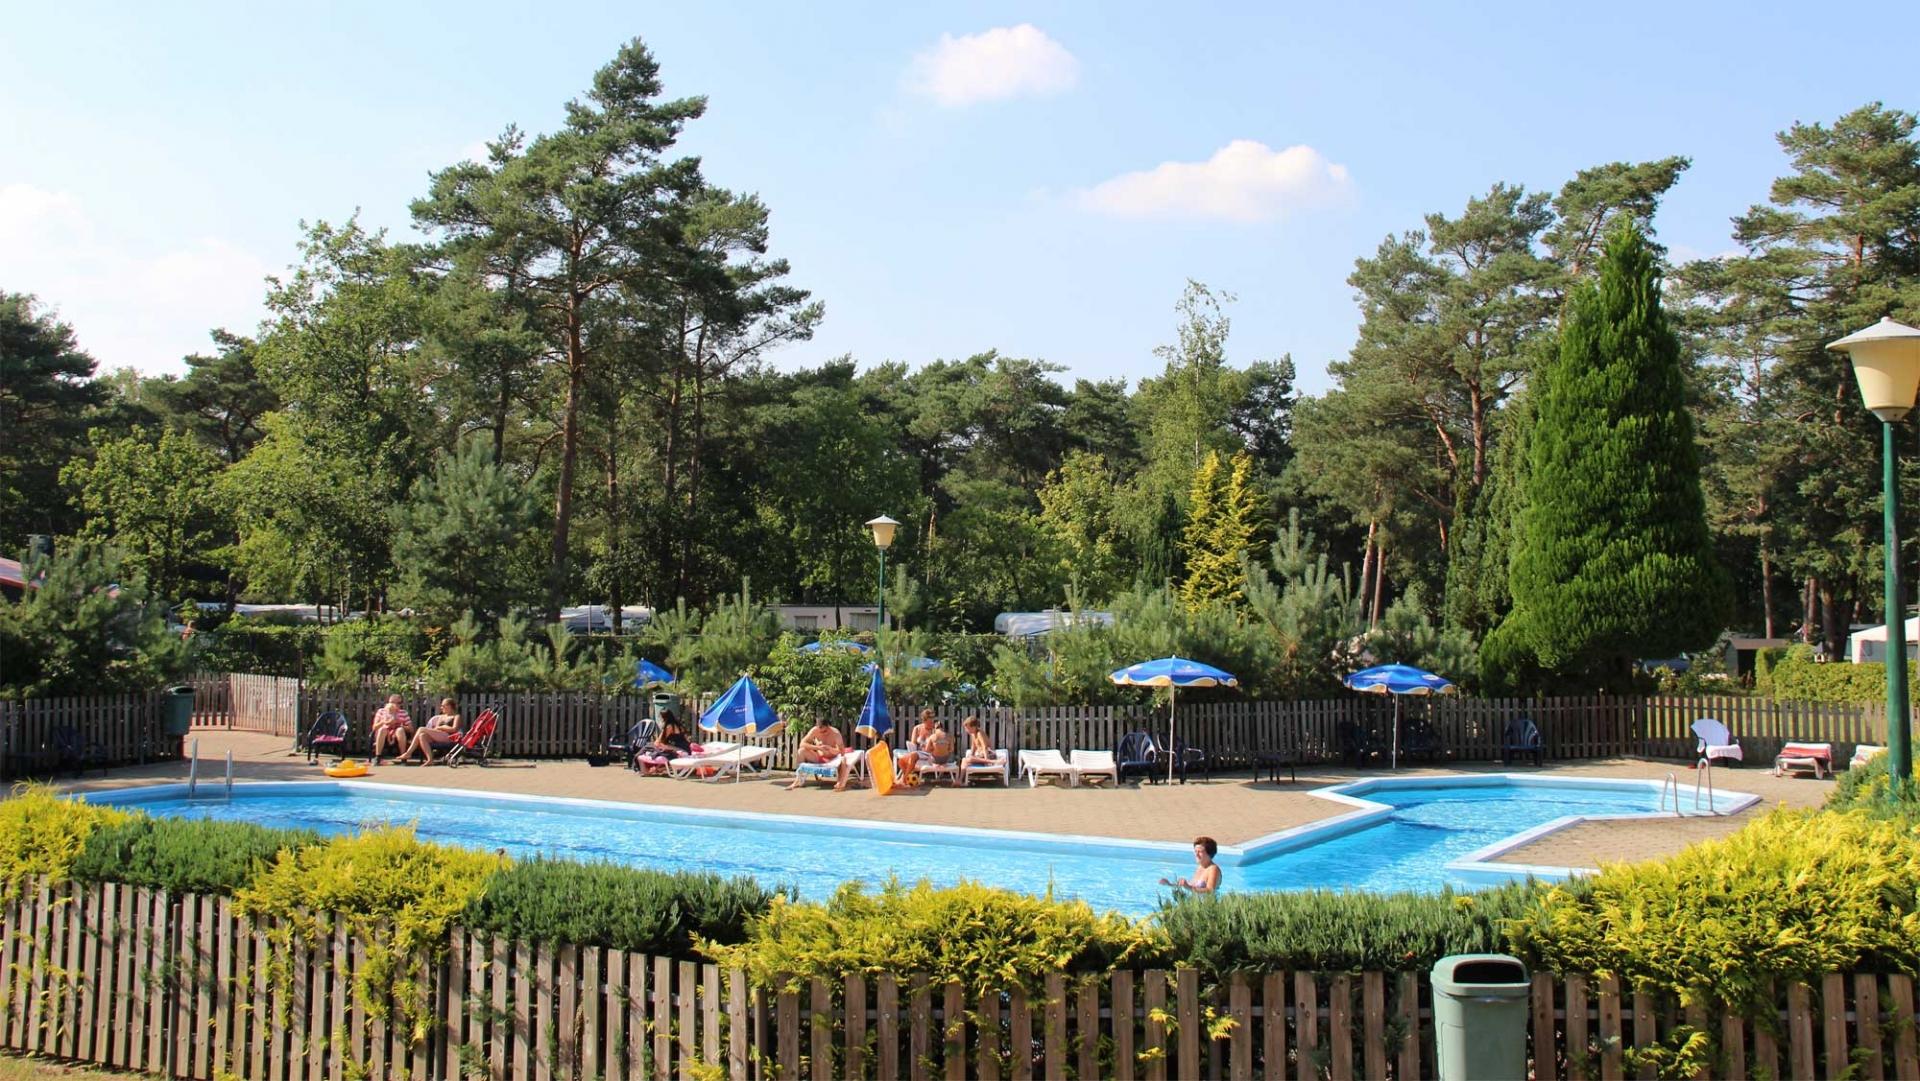 Molecaten Park De Koerberg in Heerde - the best offers!